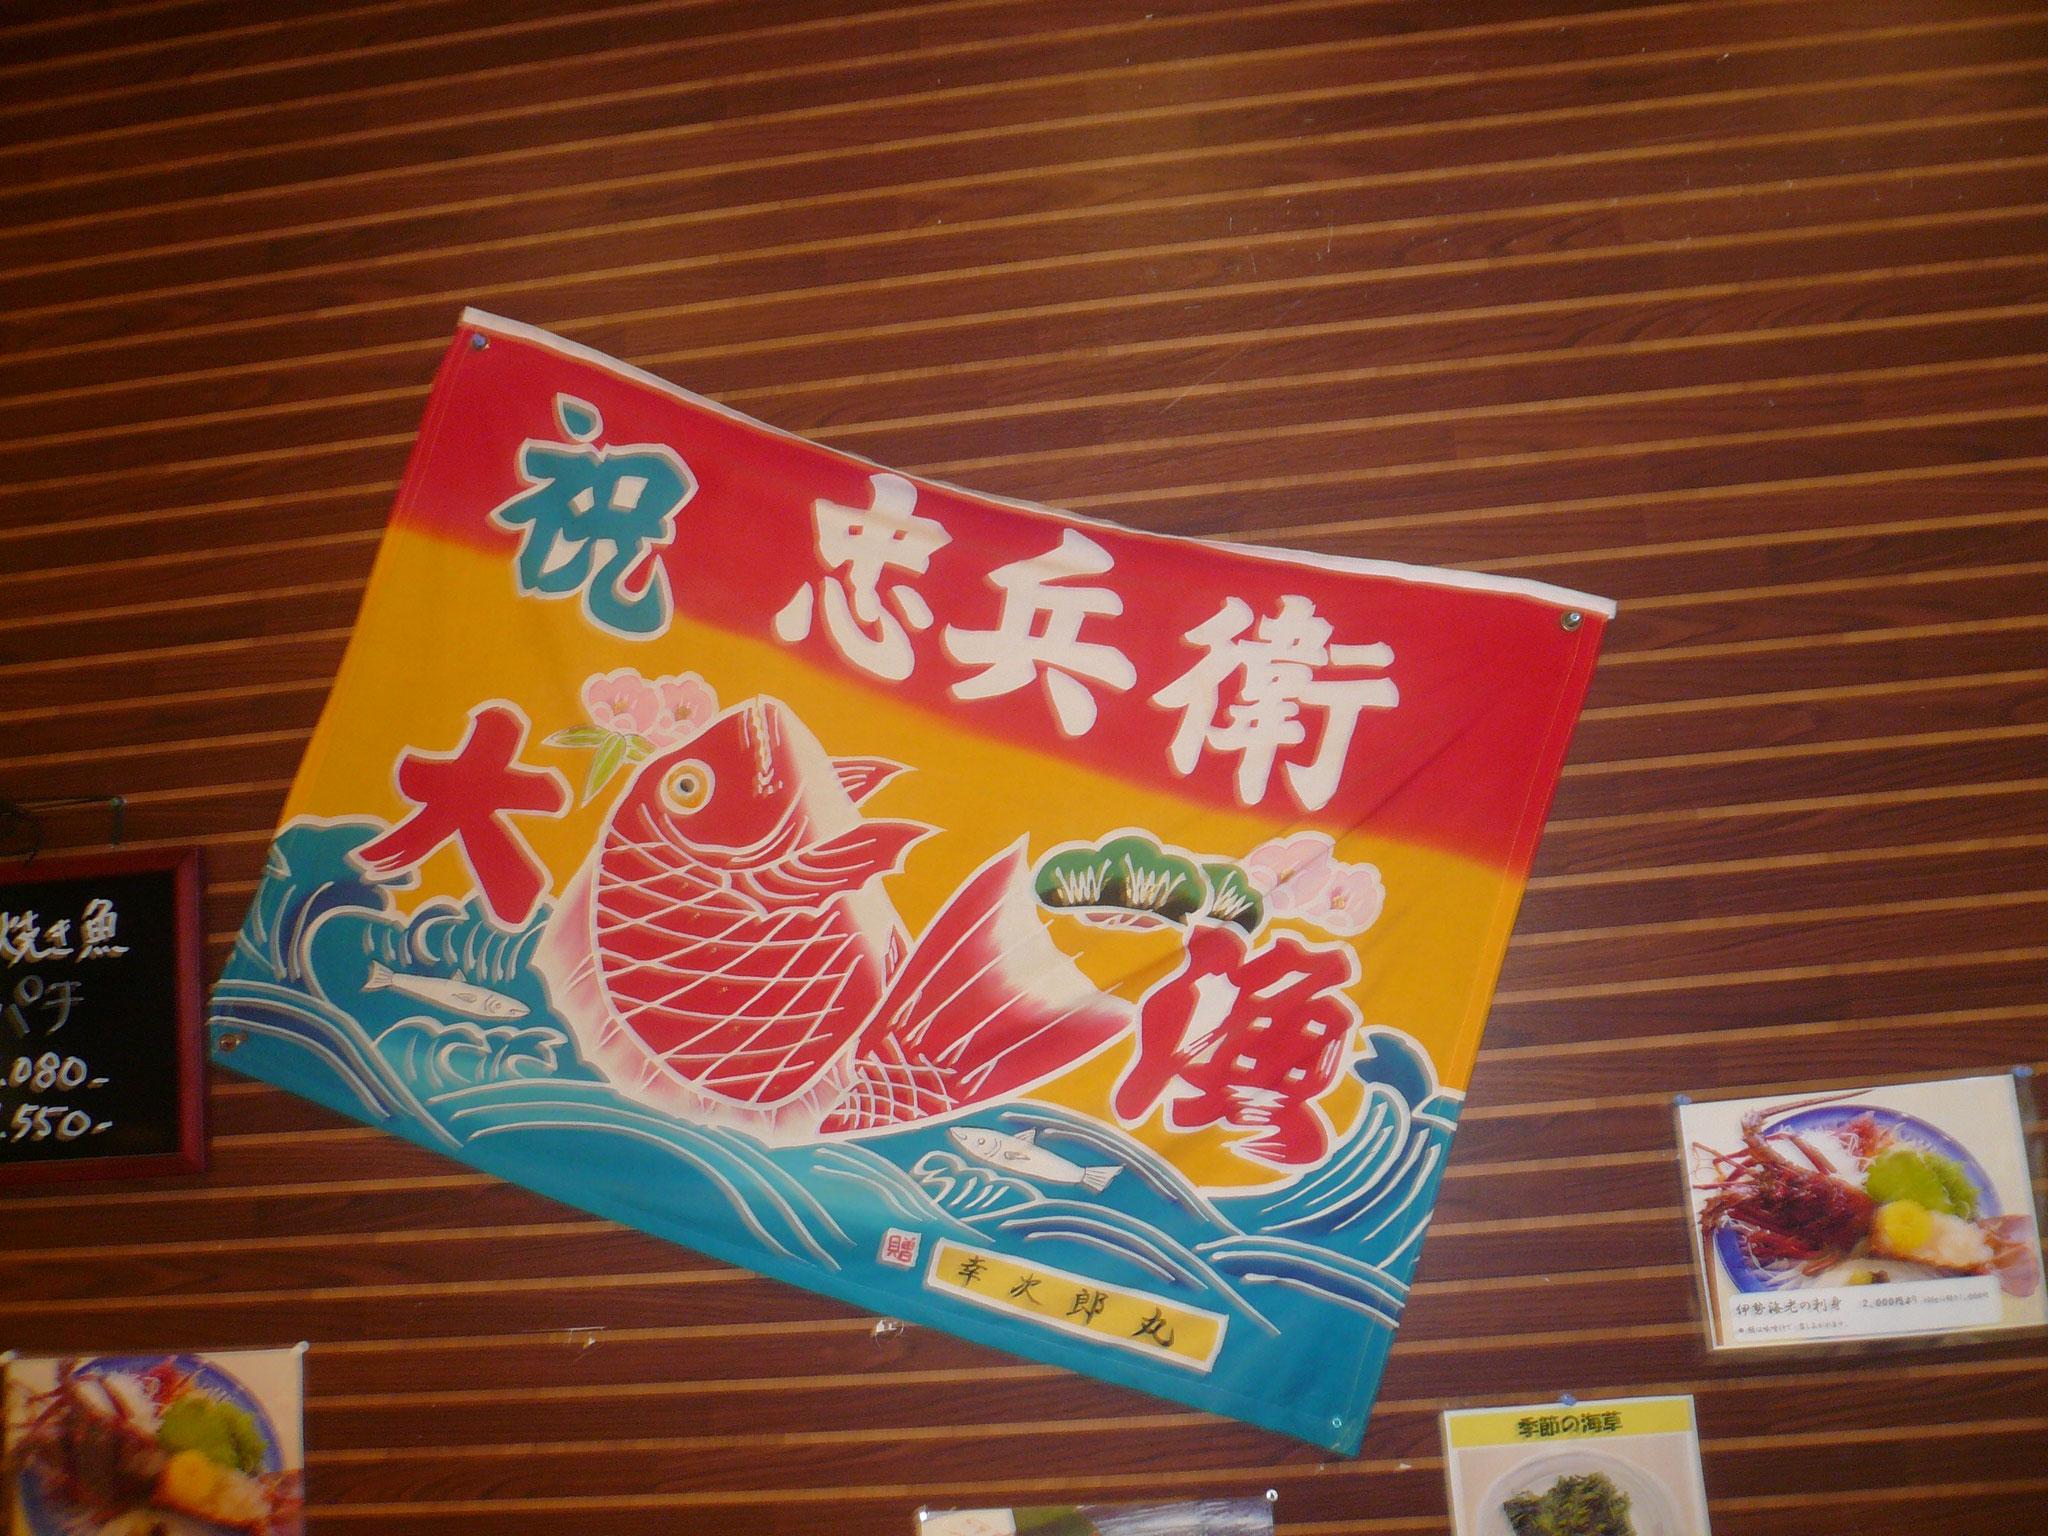 忠兵衛さんの大漁旗